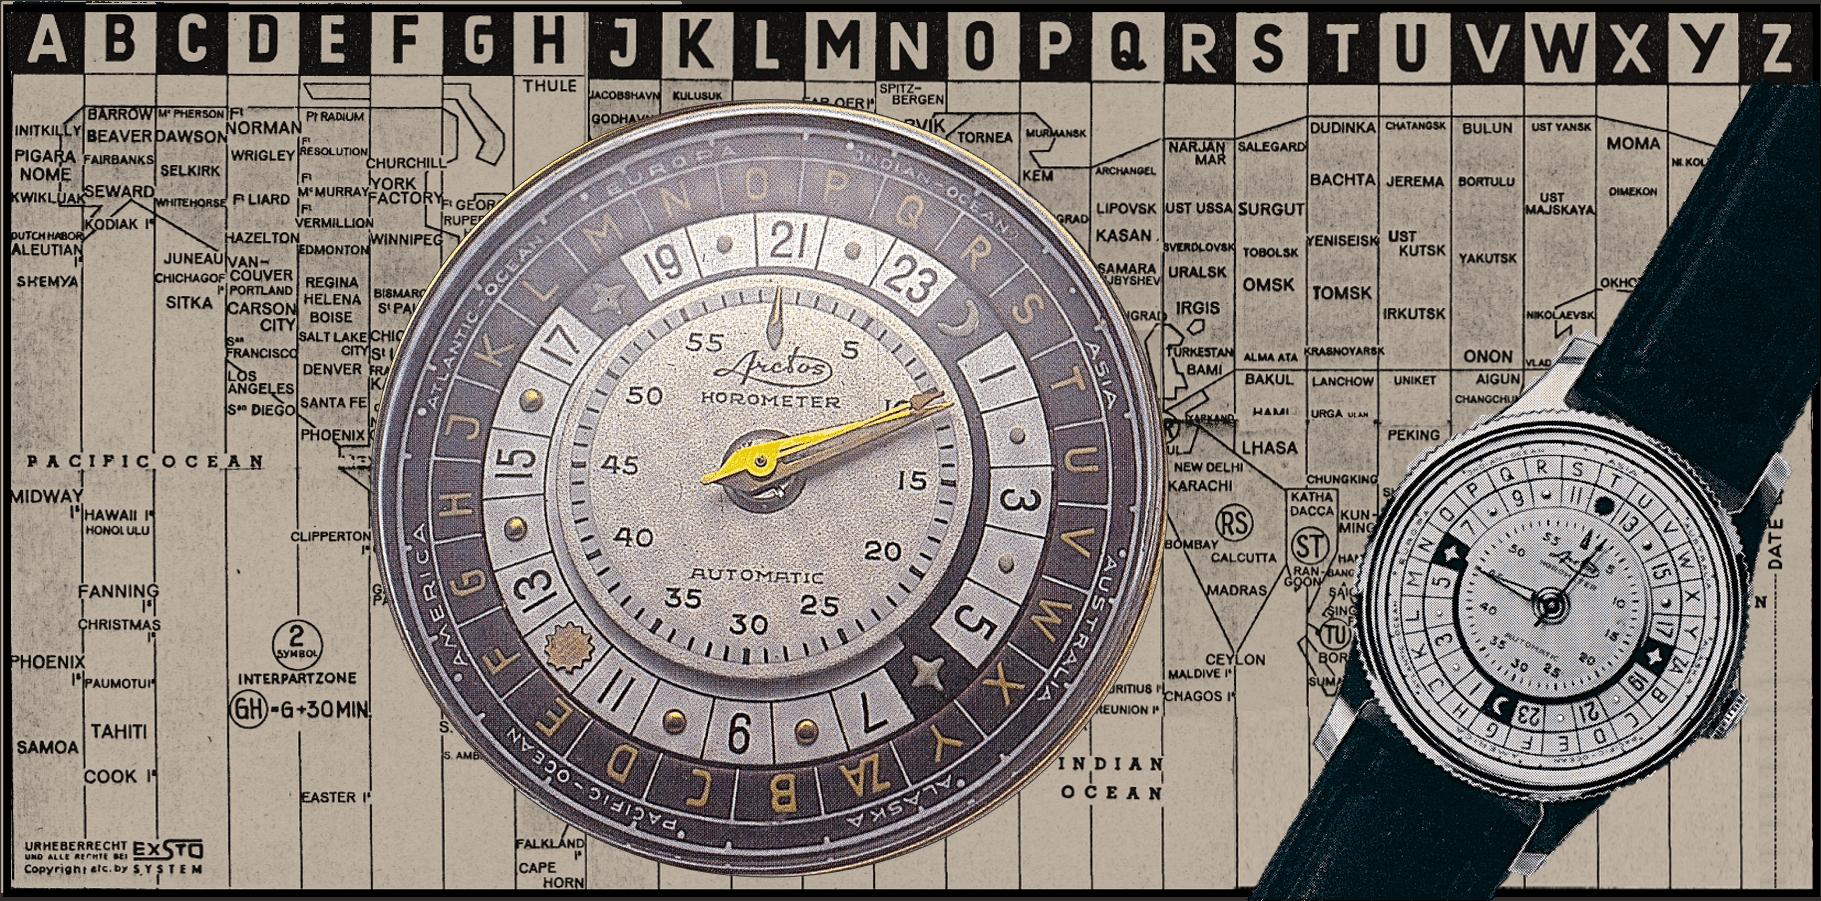 Vintage UhrArctos Horometer: Eine rätselhafte Weltzeit-Armbanduhr